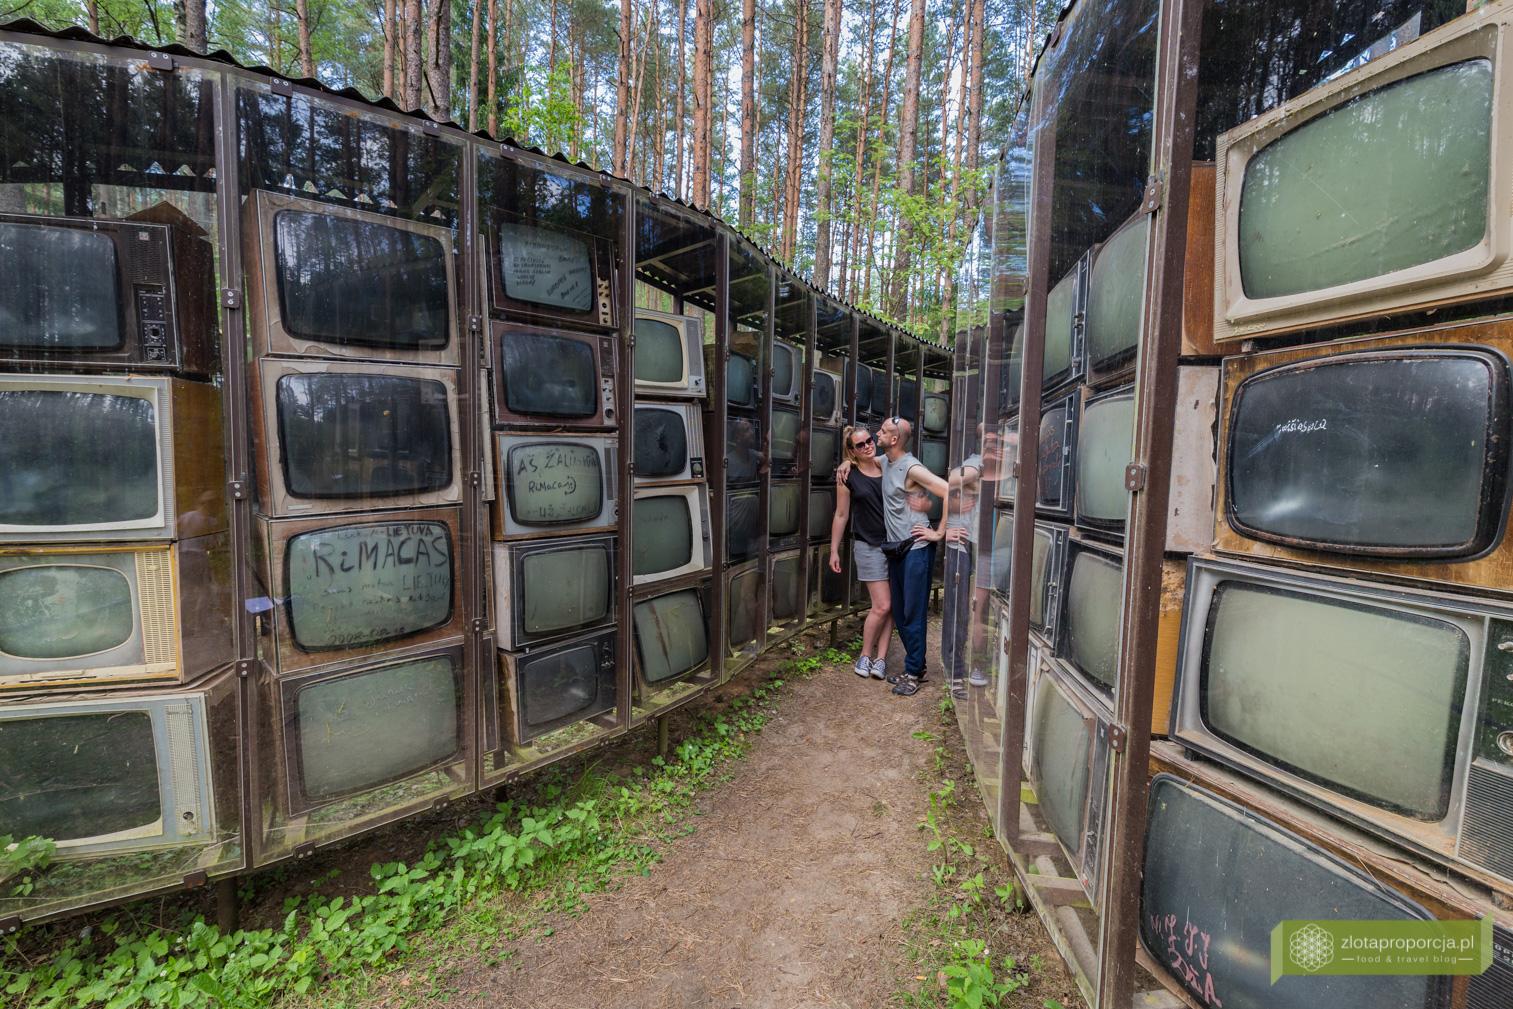 Drzewo Informacji, rzeźba z telewizorów, Infotree, Park Europy, Wilno, okolice Wilna, Litwa, atrakcje Litwy, rzeźby